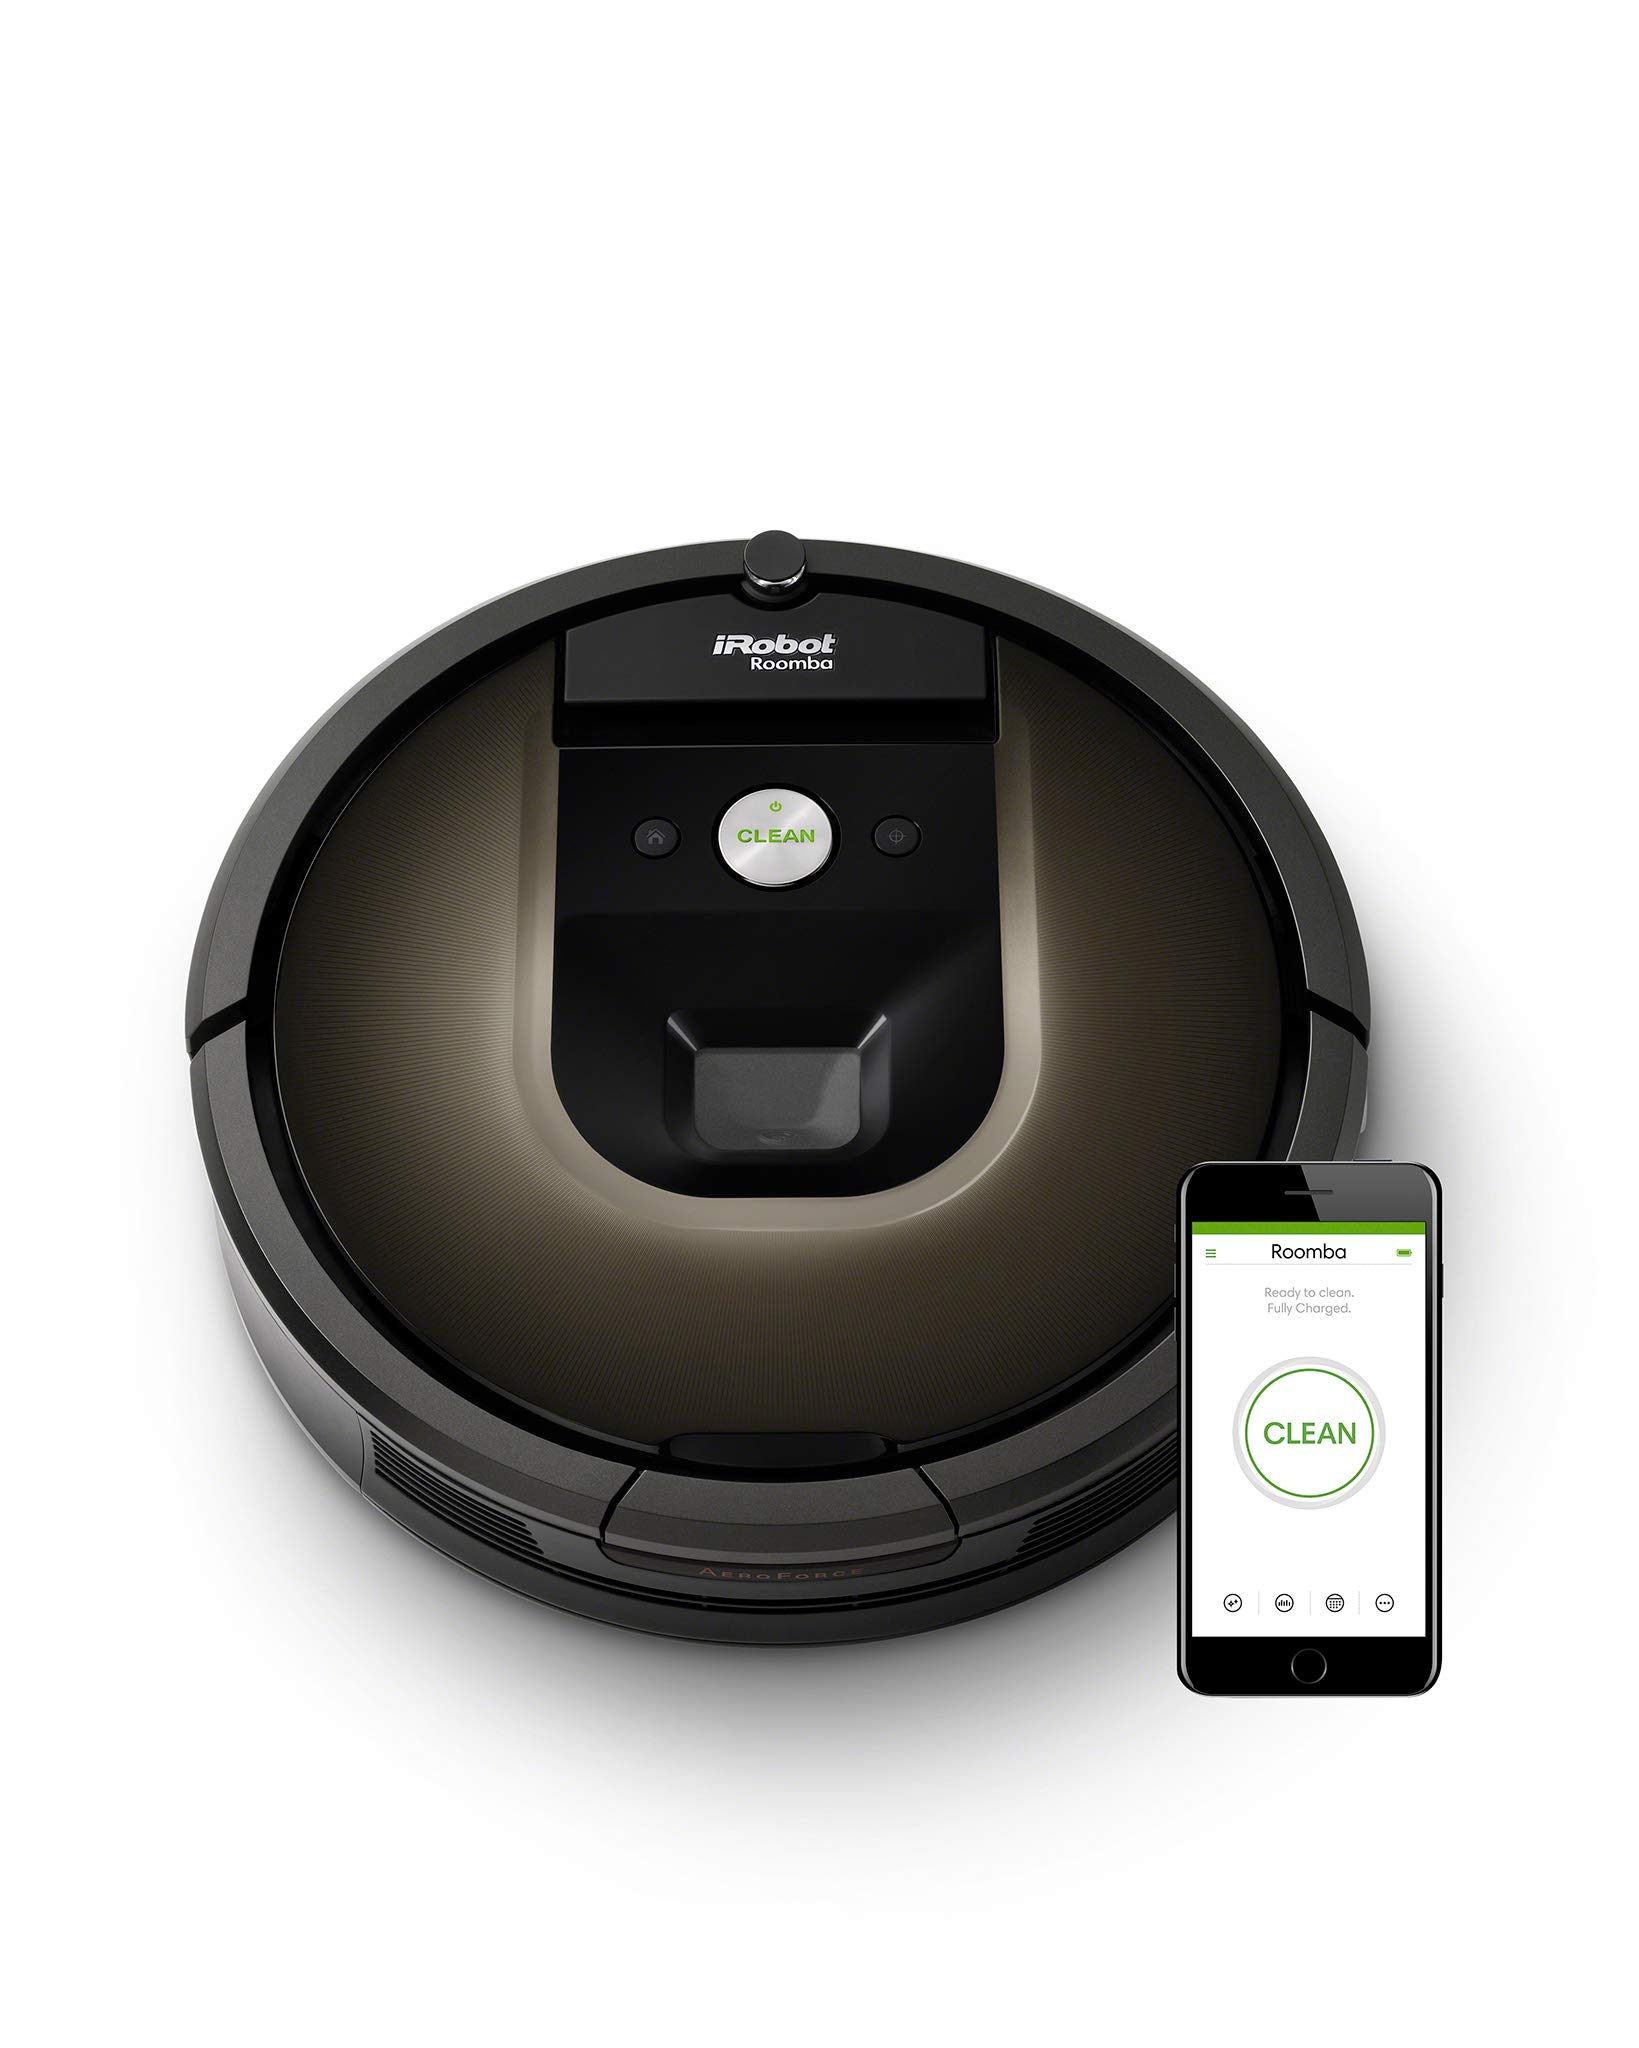 iRobot Roomba 980 Bolsa para el polvo Negro aspiradora robotizada - Aspiradoras robotizadas (Bolsa para el polvo, Negro, Alrededor, 120 min, 35,3 cm, 92 mm): Amazon.es: Hogar